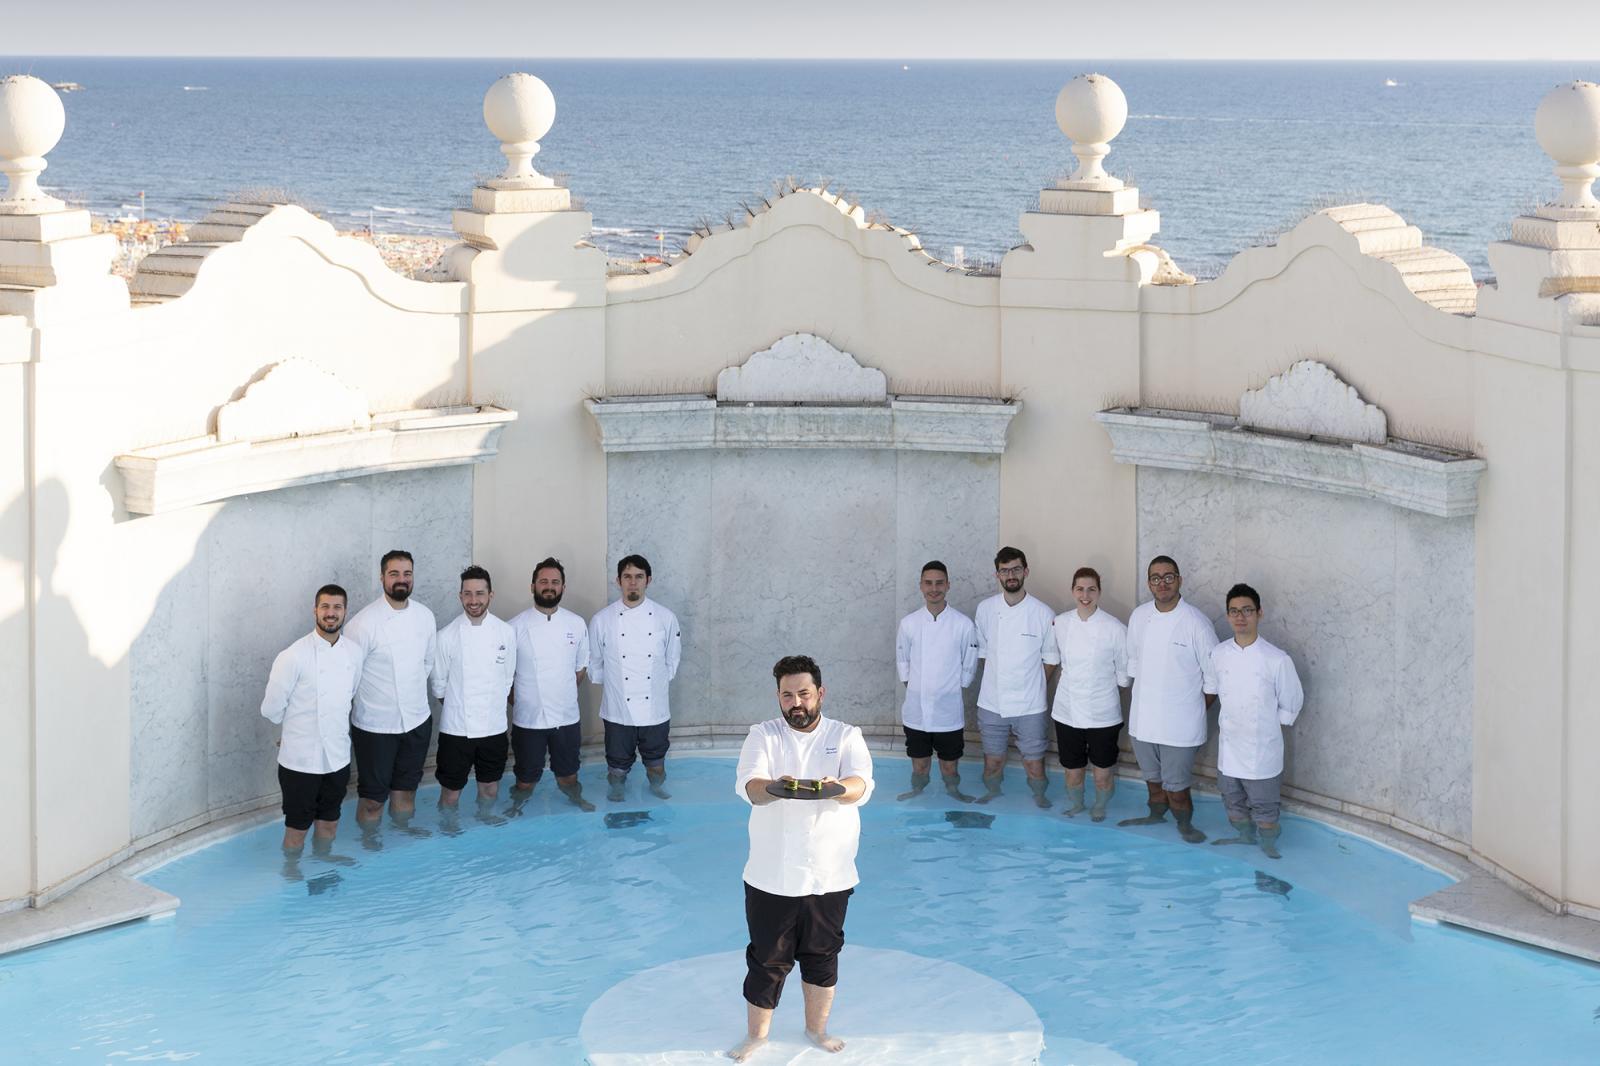 Gruppo team Piccolo Principe di Viareggio - Chef Giuseppe Mancino